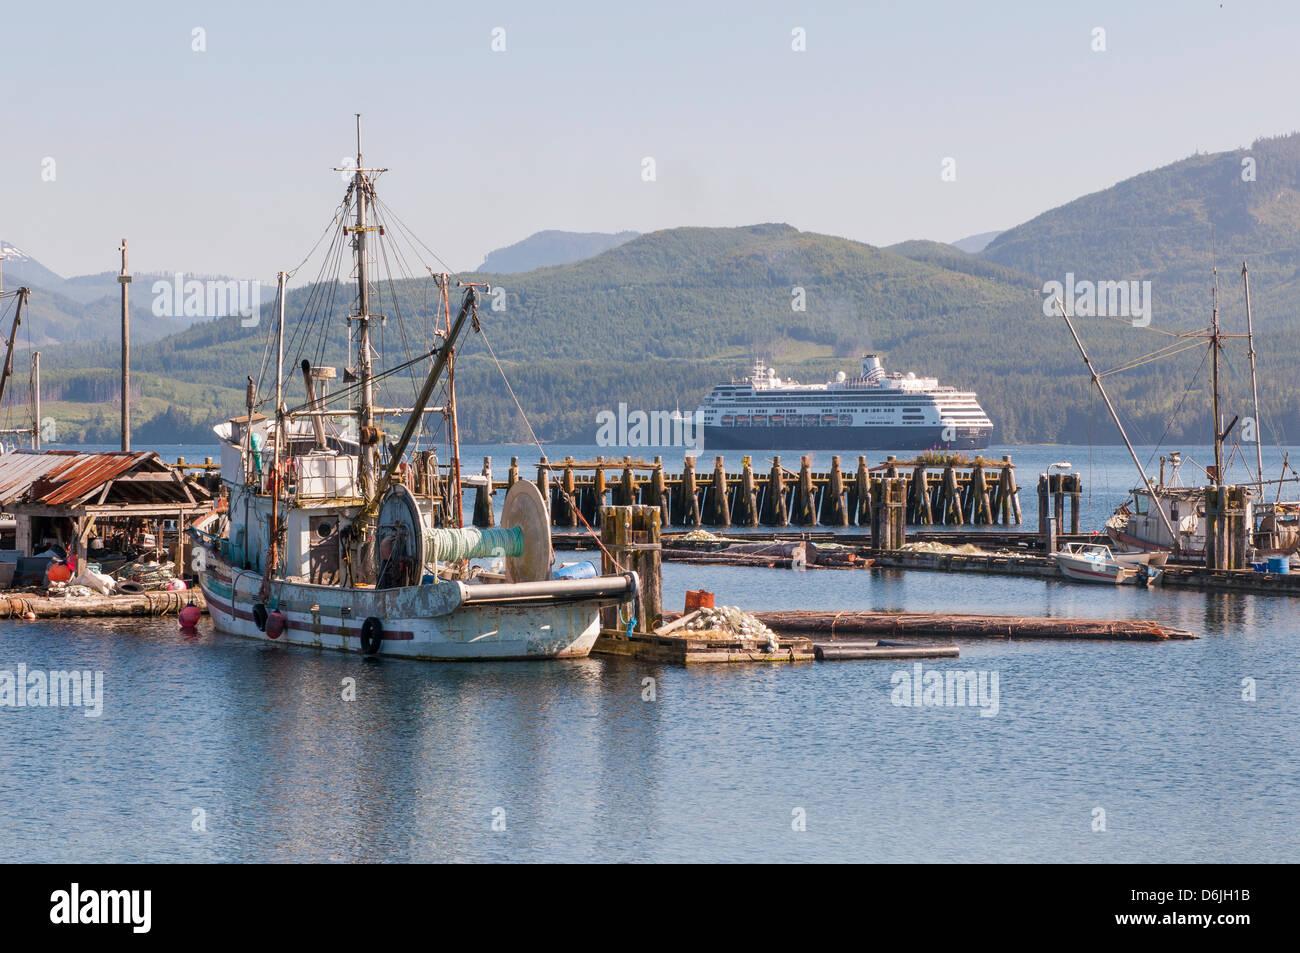 Pasando el puerto de cruceros, Alert Bay, British Columbia, Canadá, América del Norte Imagen De Stock